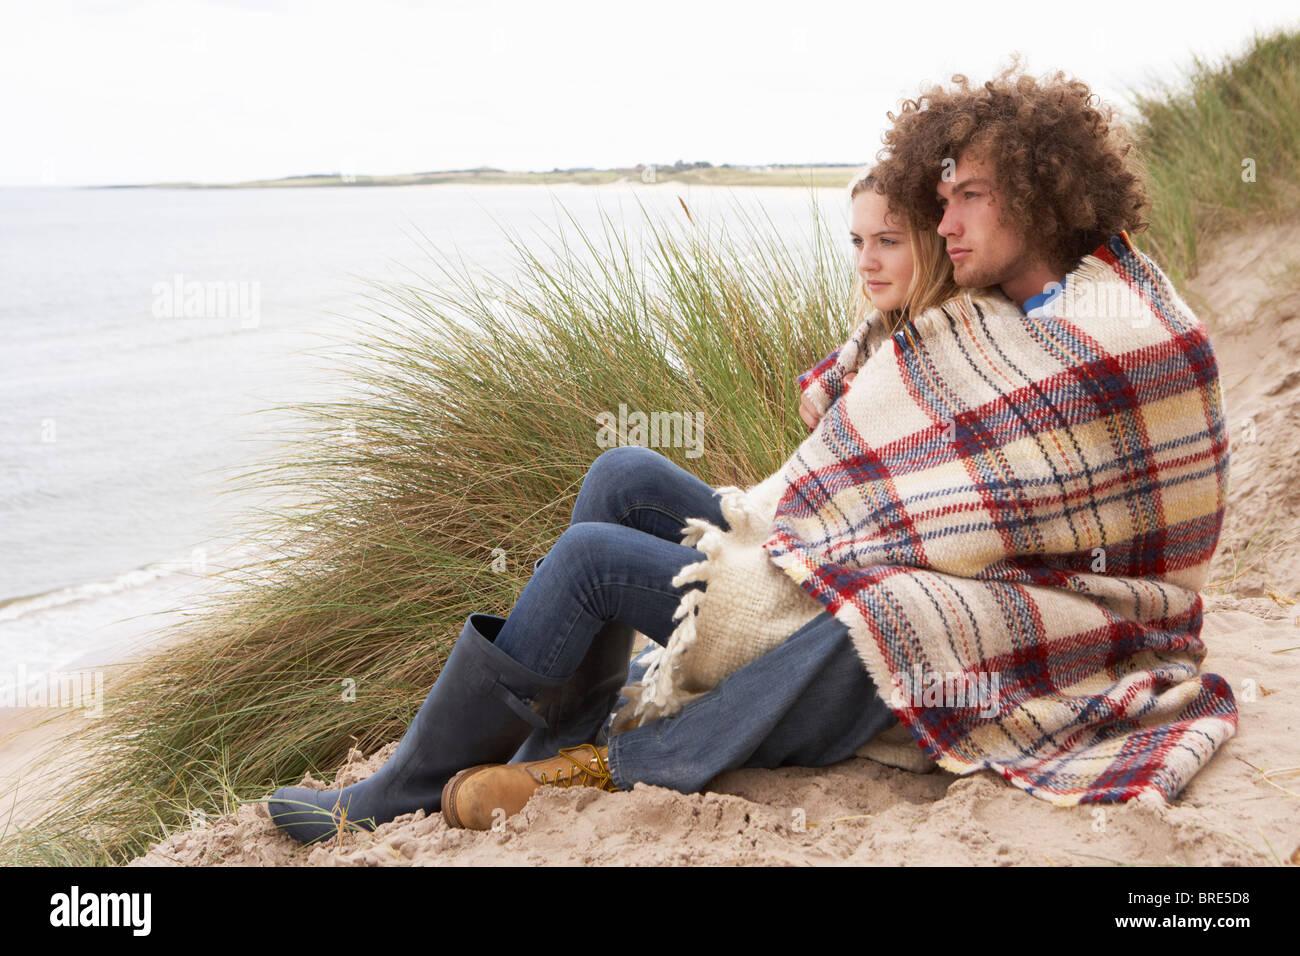 La pareja de adolescentes sentados en las dunas de arena envuelto en una manta Imagen De Stock